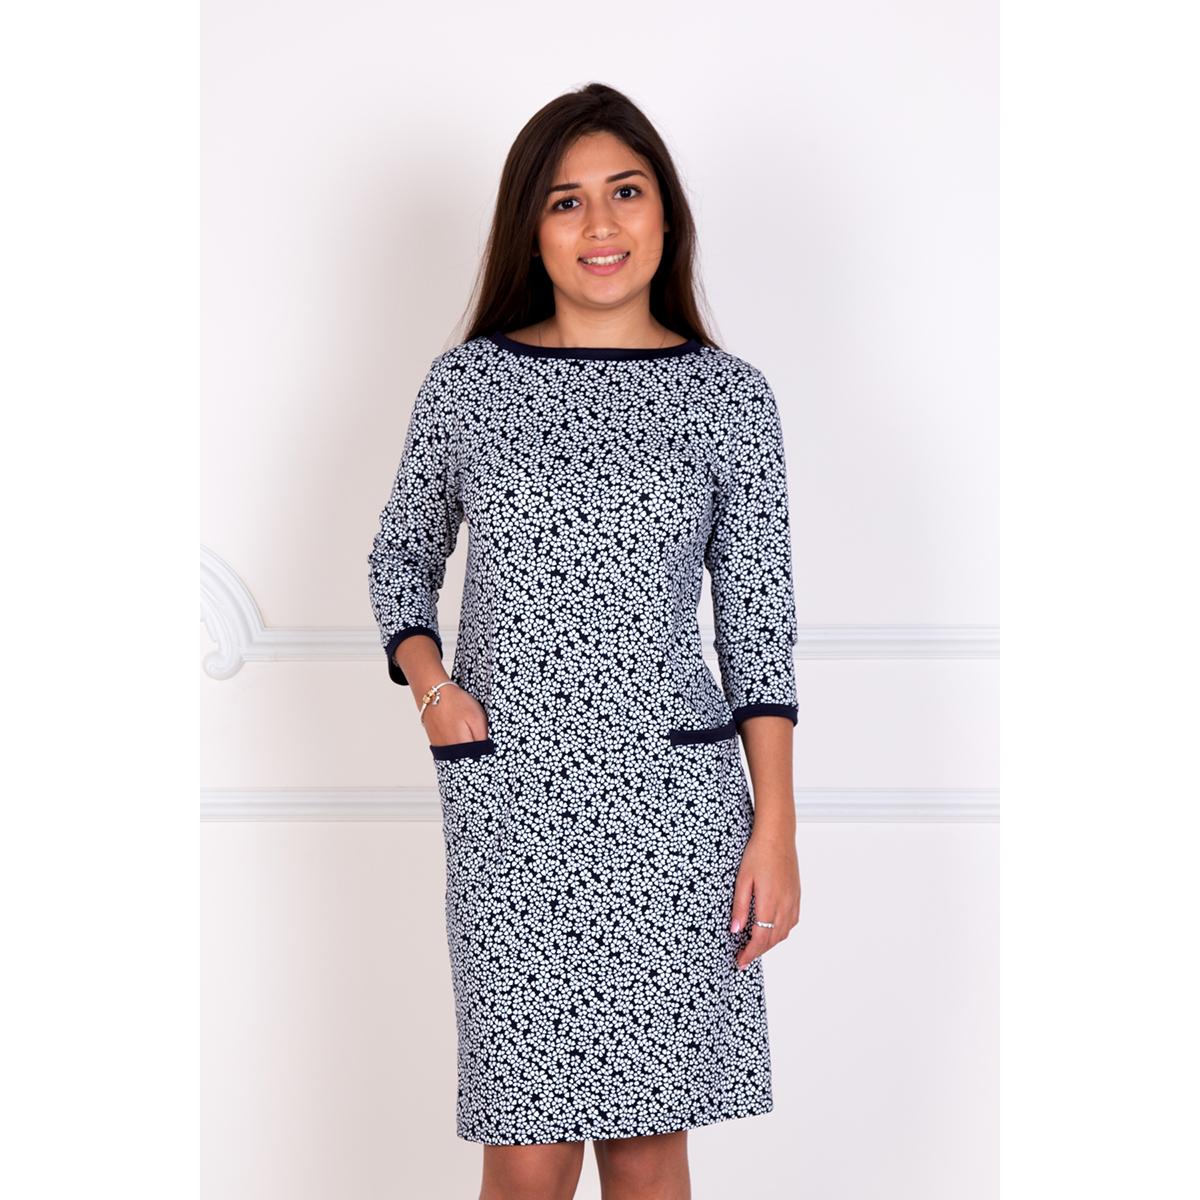 Женское платье Дея, размер 50Платья, туники<br>Обхват груди:100 см<br>Обхват талии:82 см<br>Обхват бедер:108 см<br>Длина по спинке:92 см<br>Рост:167 см<br><br>Тип: Жен. платье<br>Размер: 50<br>Материал: Милано